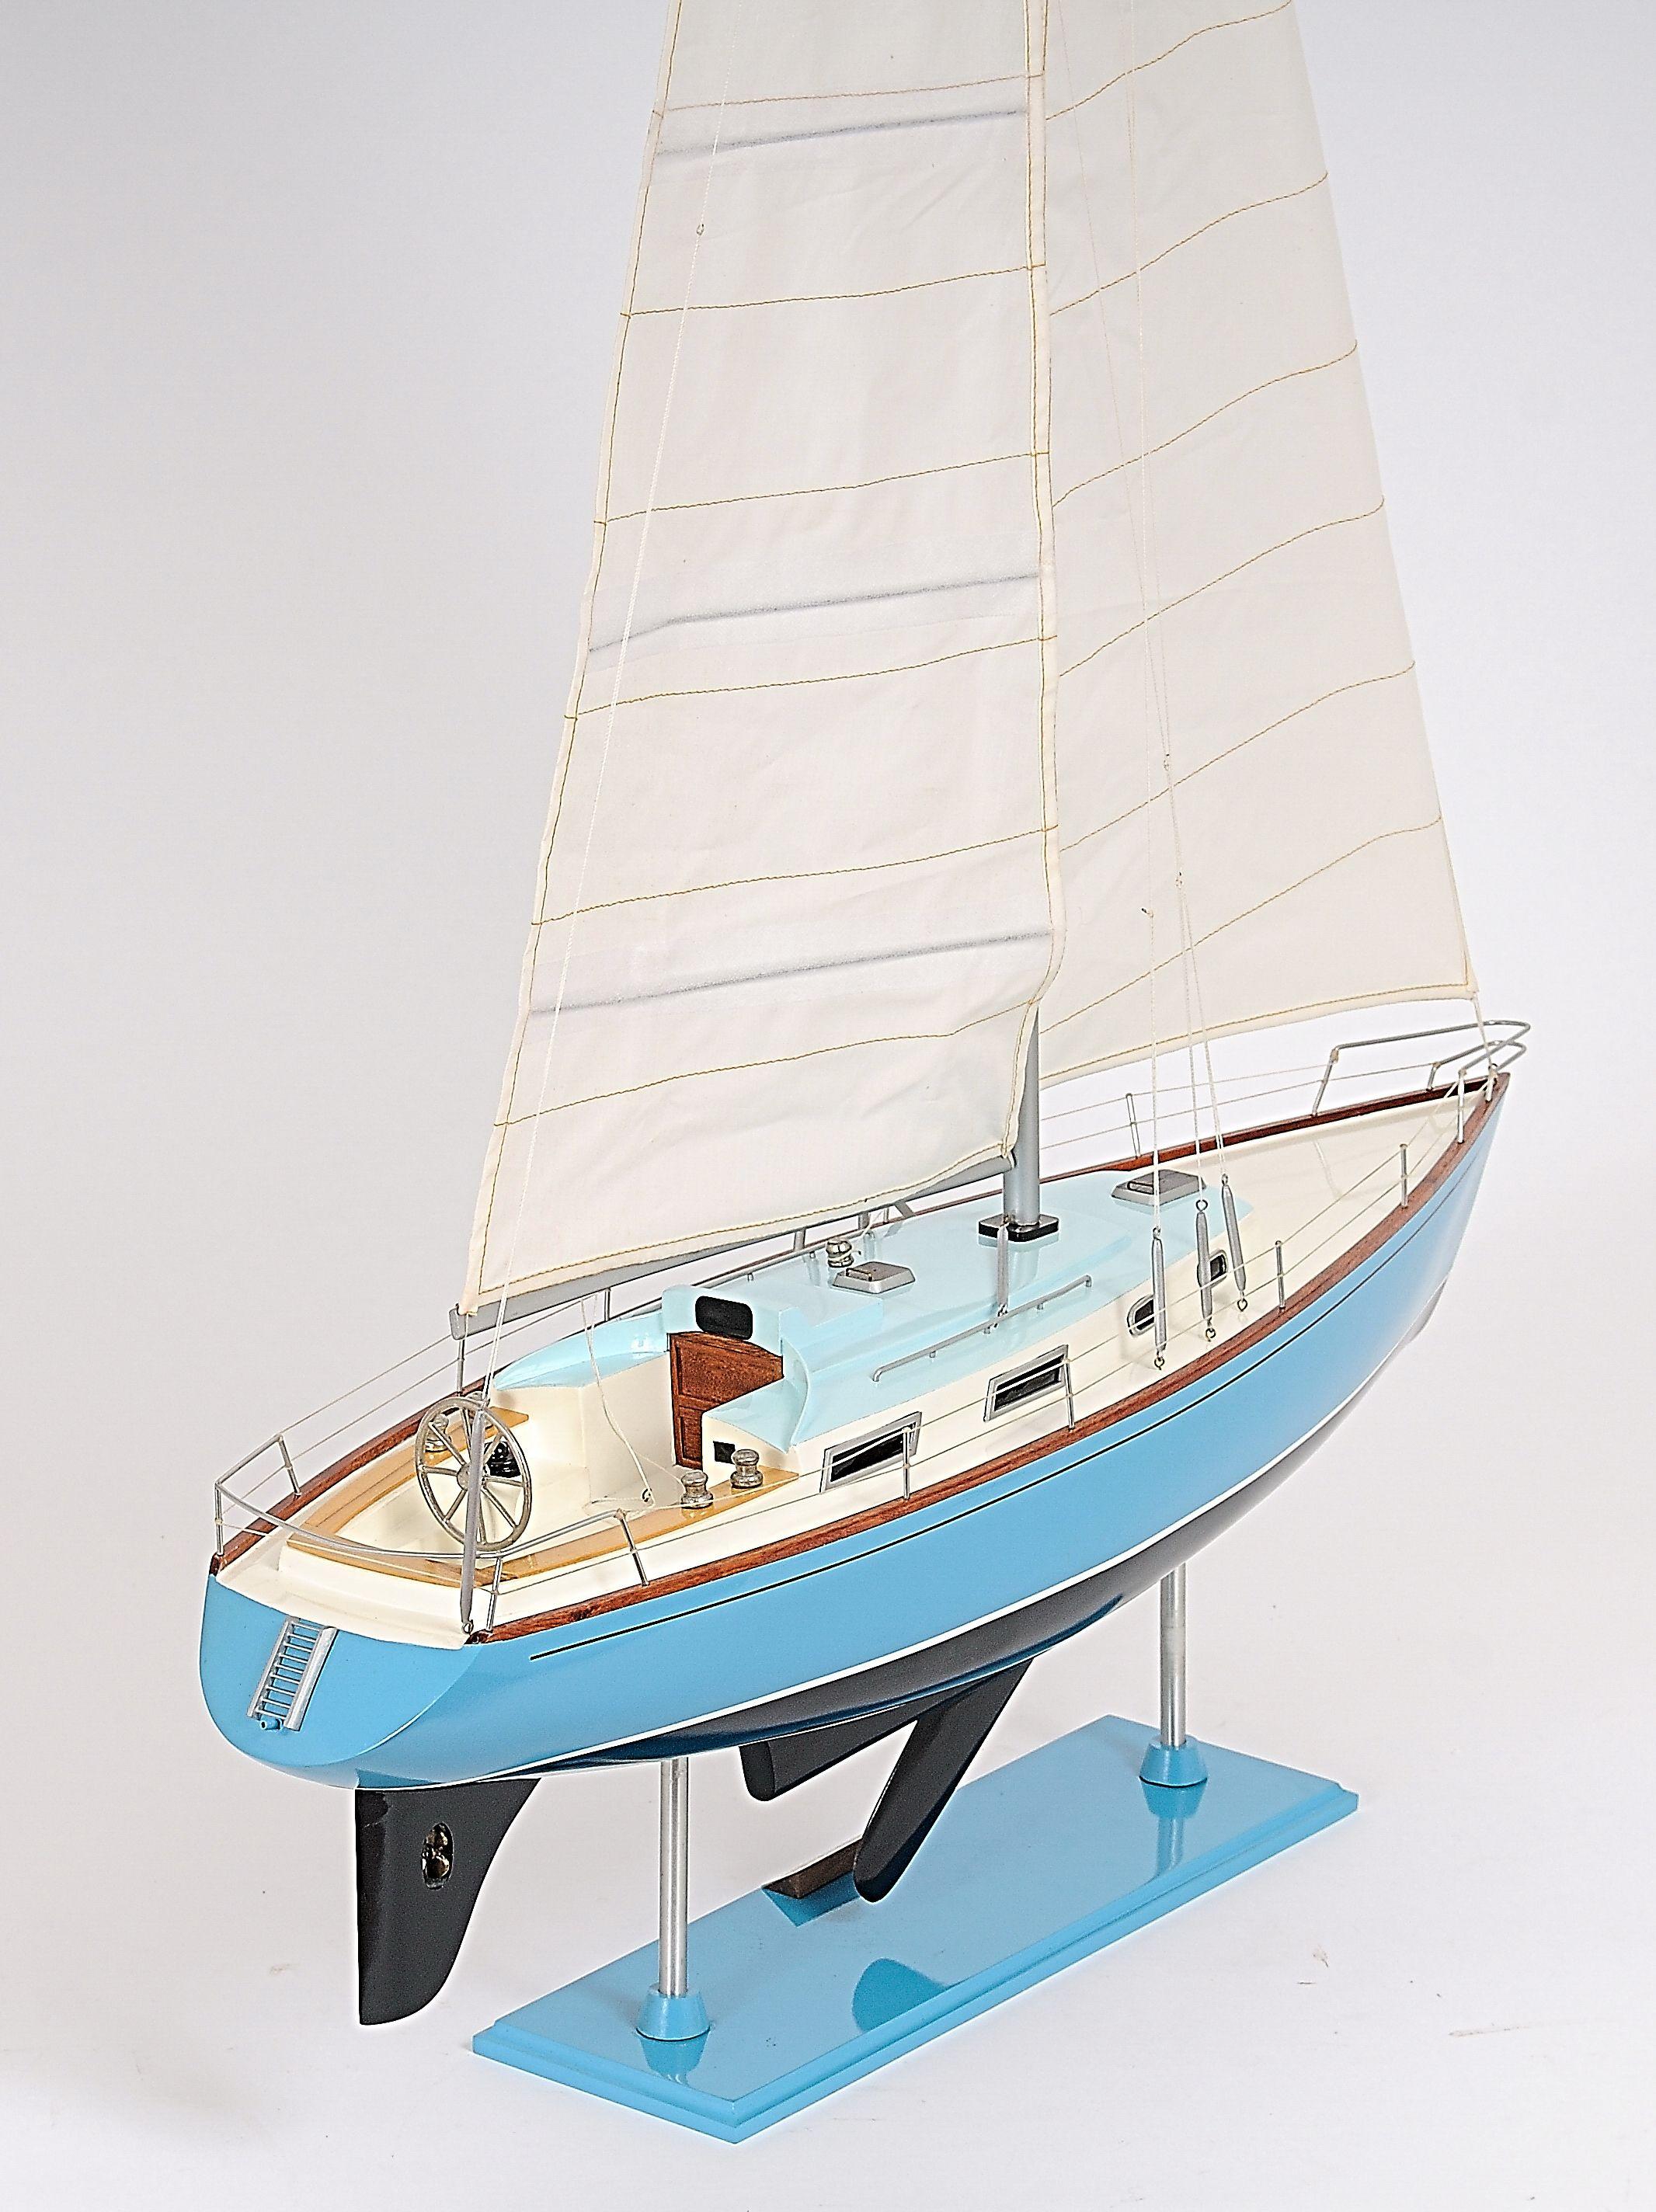 2280-13045-Bristol-35.5-Ship-Model